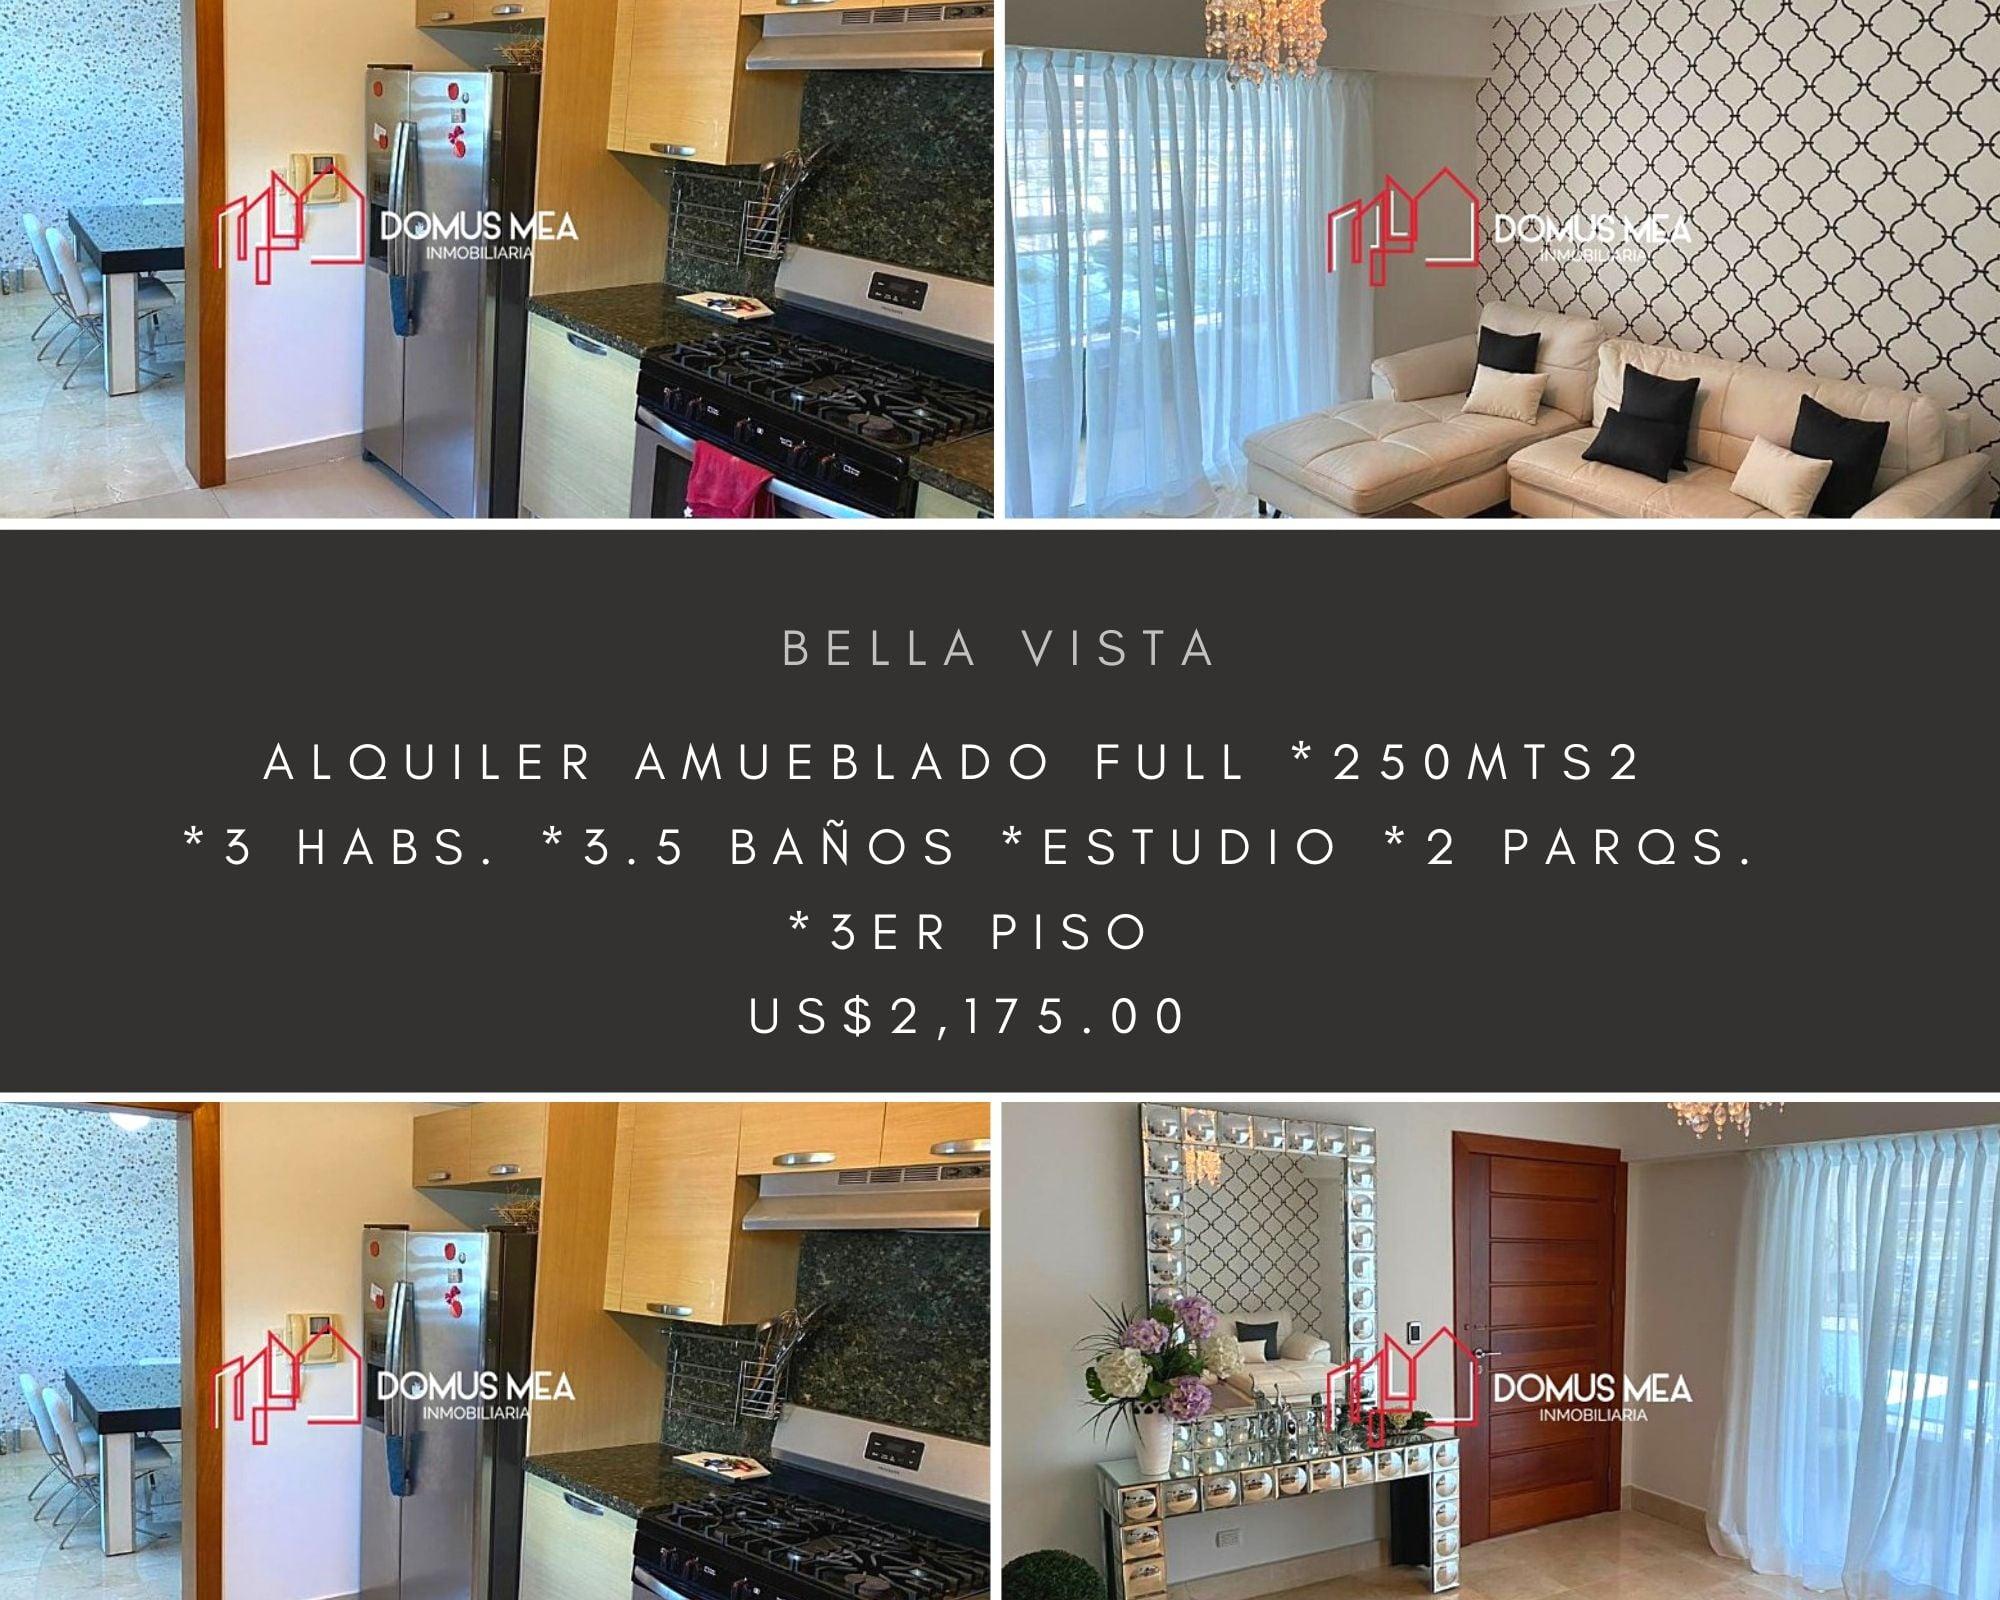 Alquiler de Apartamento en Bella Vista.